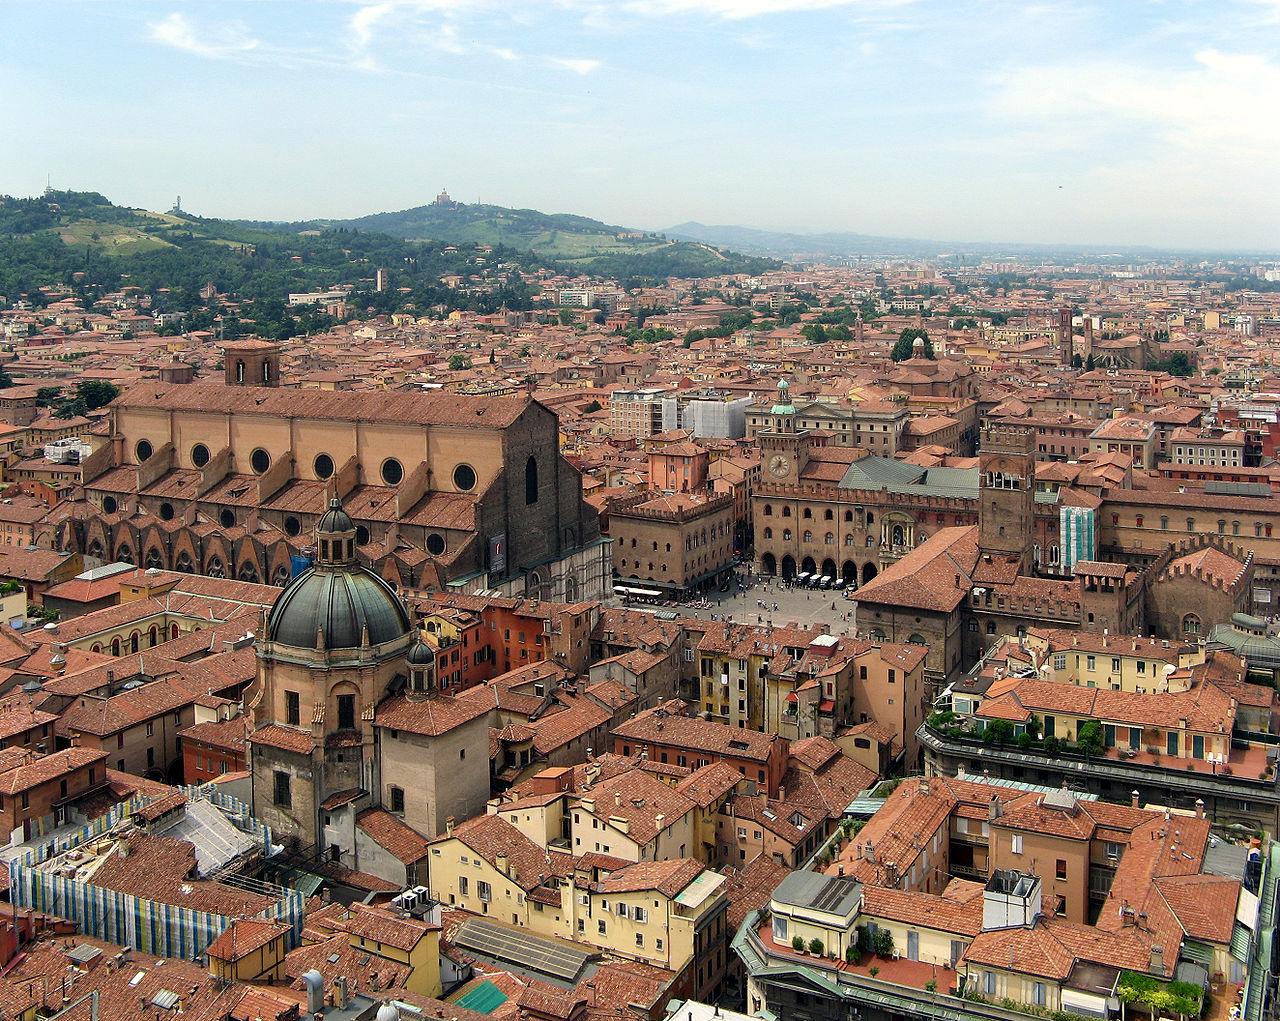 בולוניה באיטליה, מהיעדים החדשים של ארקיע. מהווה בסיס לטיולים בריביירה האיטלקית ובאזור טוסקנה. (צילום: ויקיפדיה)